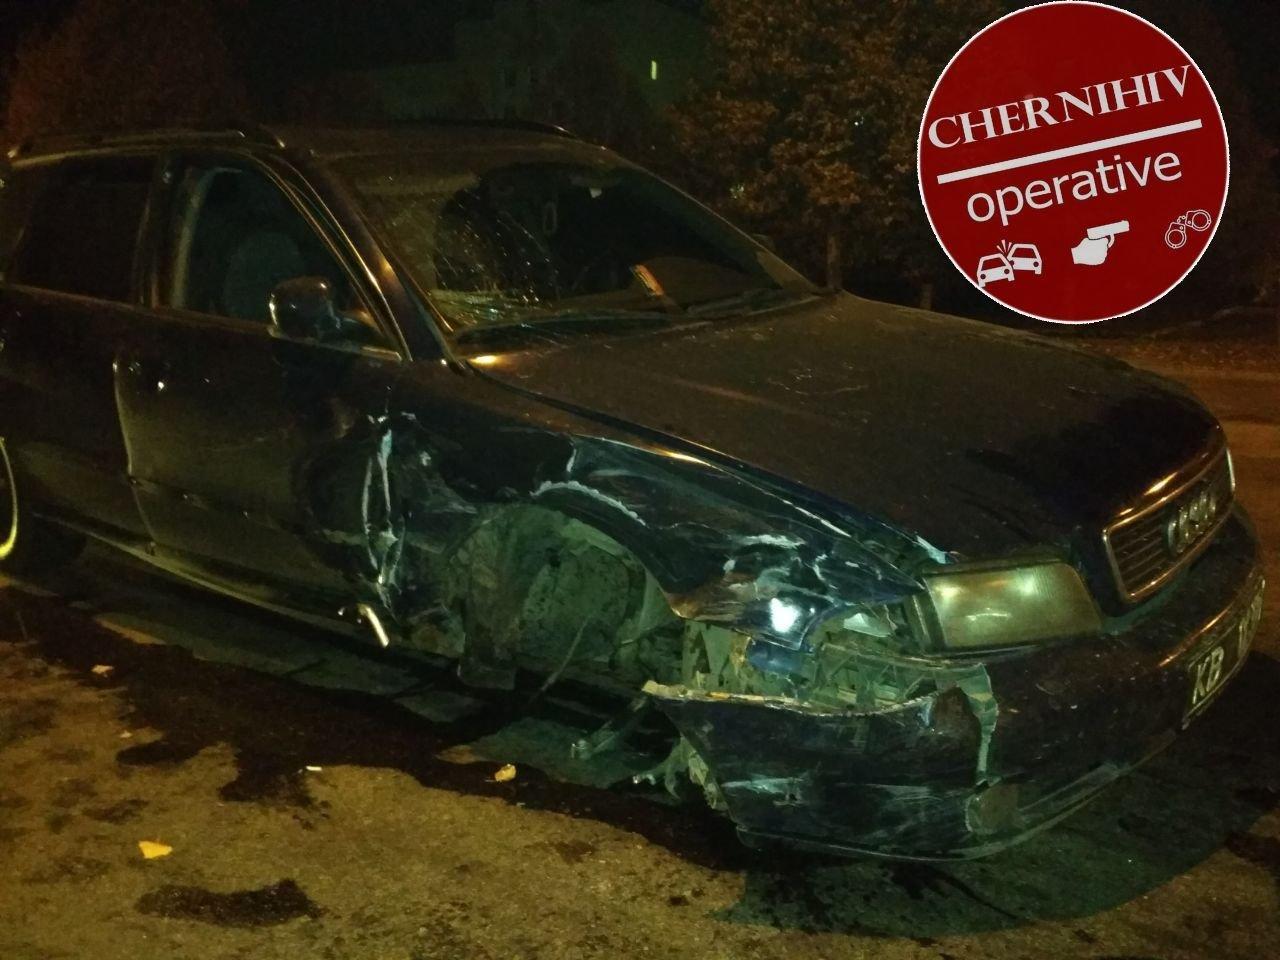 Сбегая от полиции потерял колесо: в Чернигове очередное ДТП, фото-8